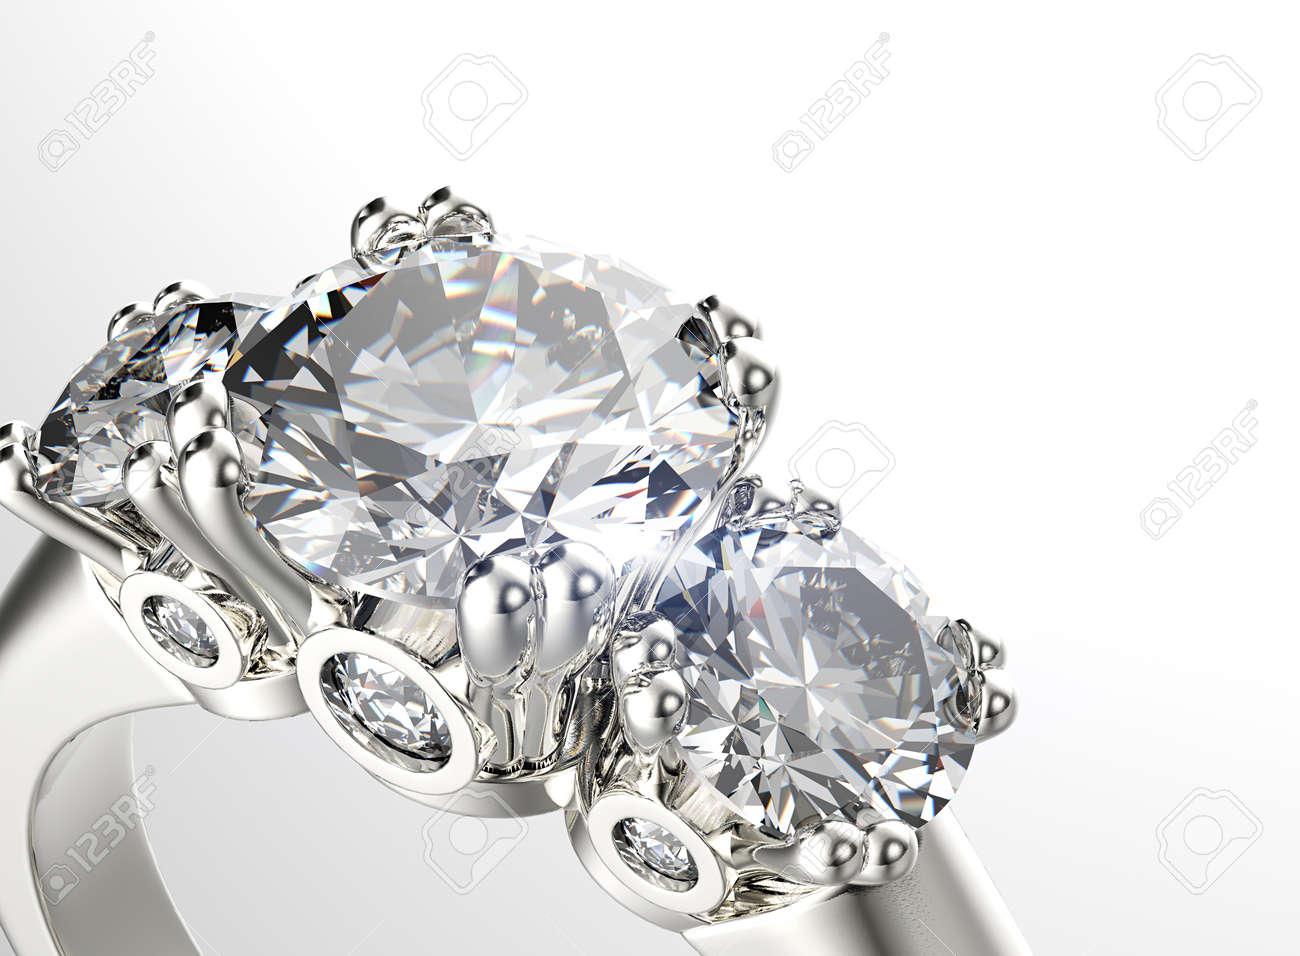 Diamanten schmuck  Golden Ring Mit Diamanten. Schmuck Hintergrund Lizenzfreie Fotos ...